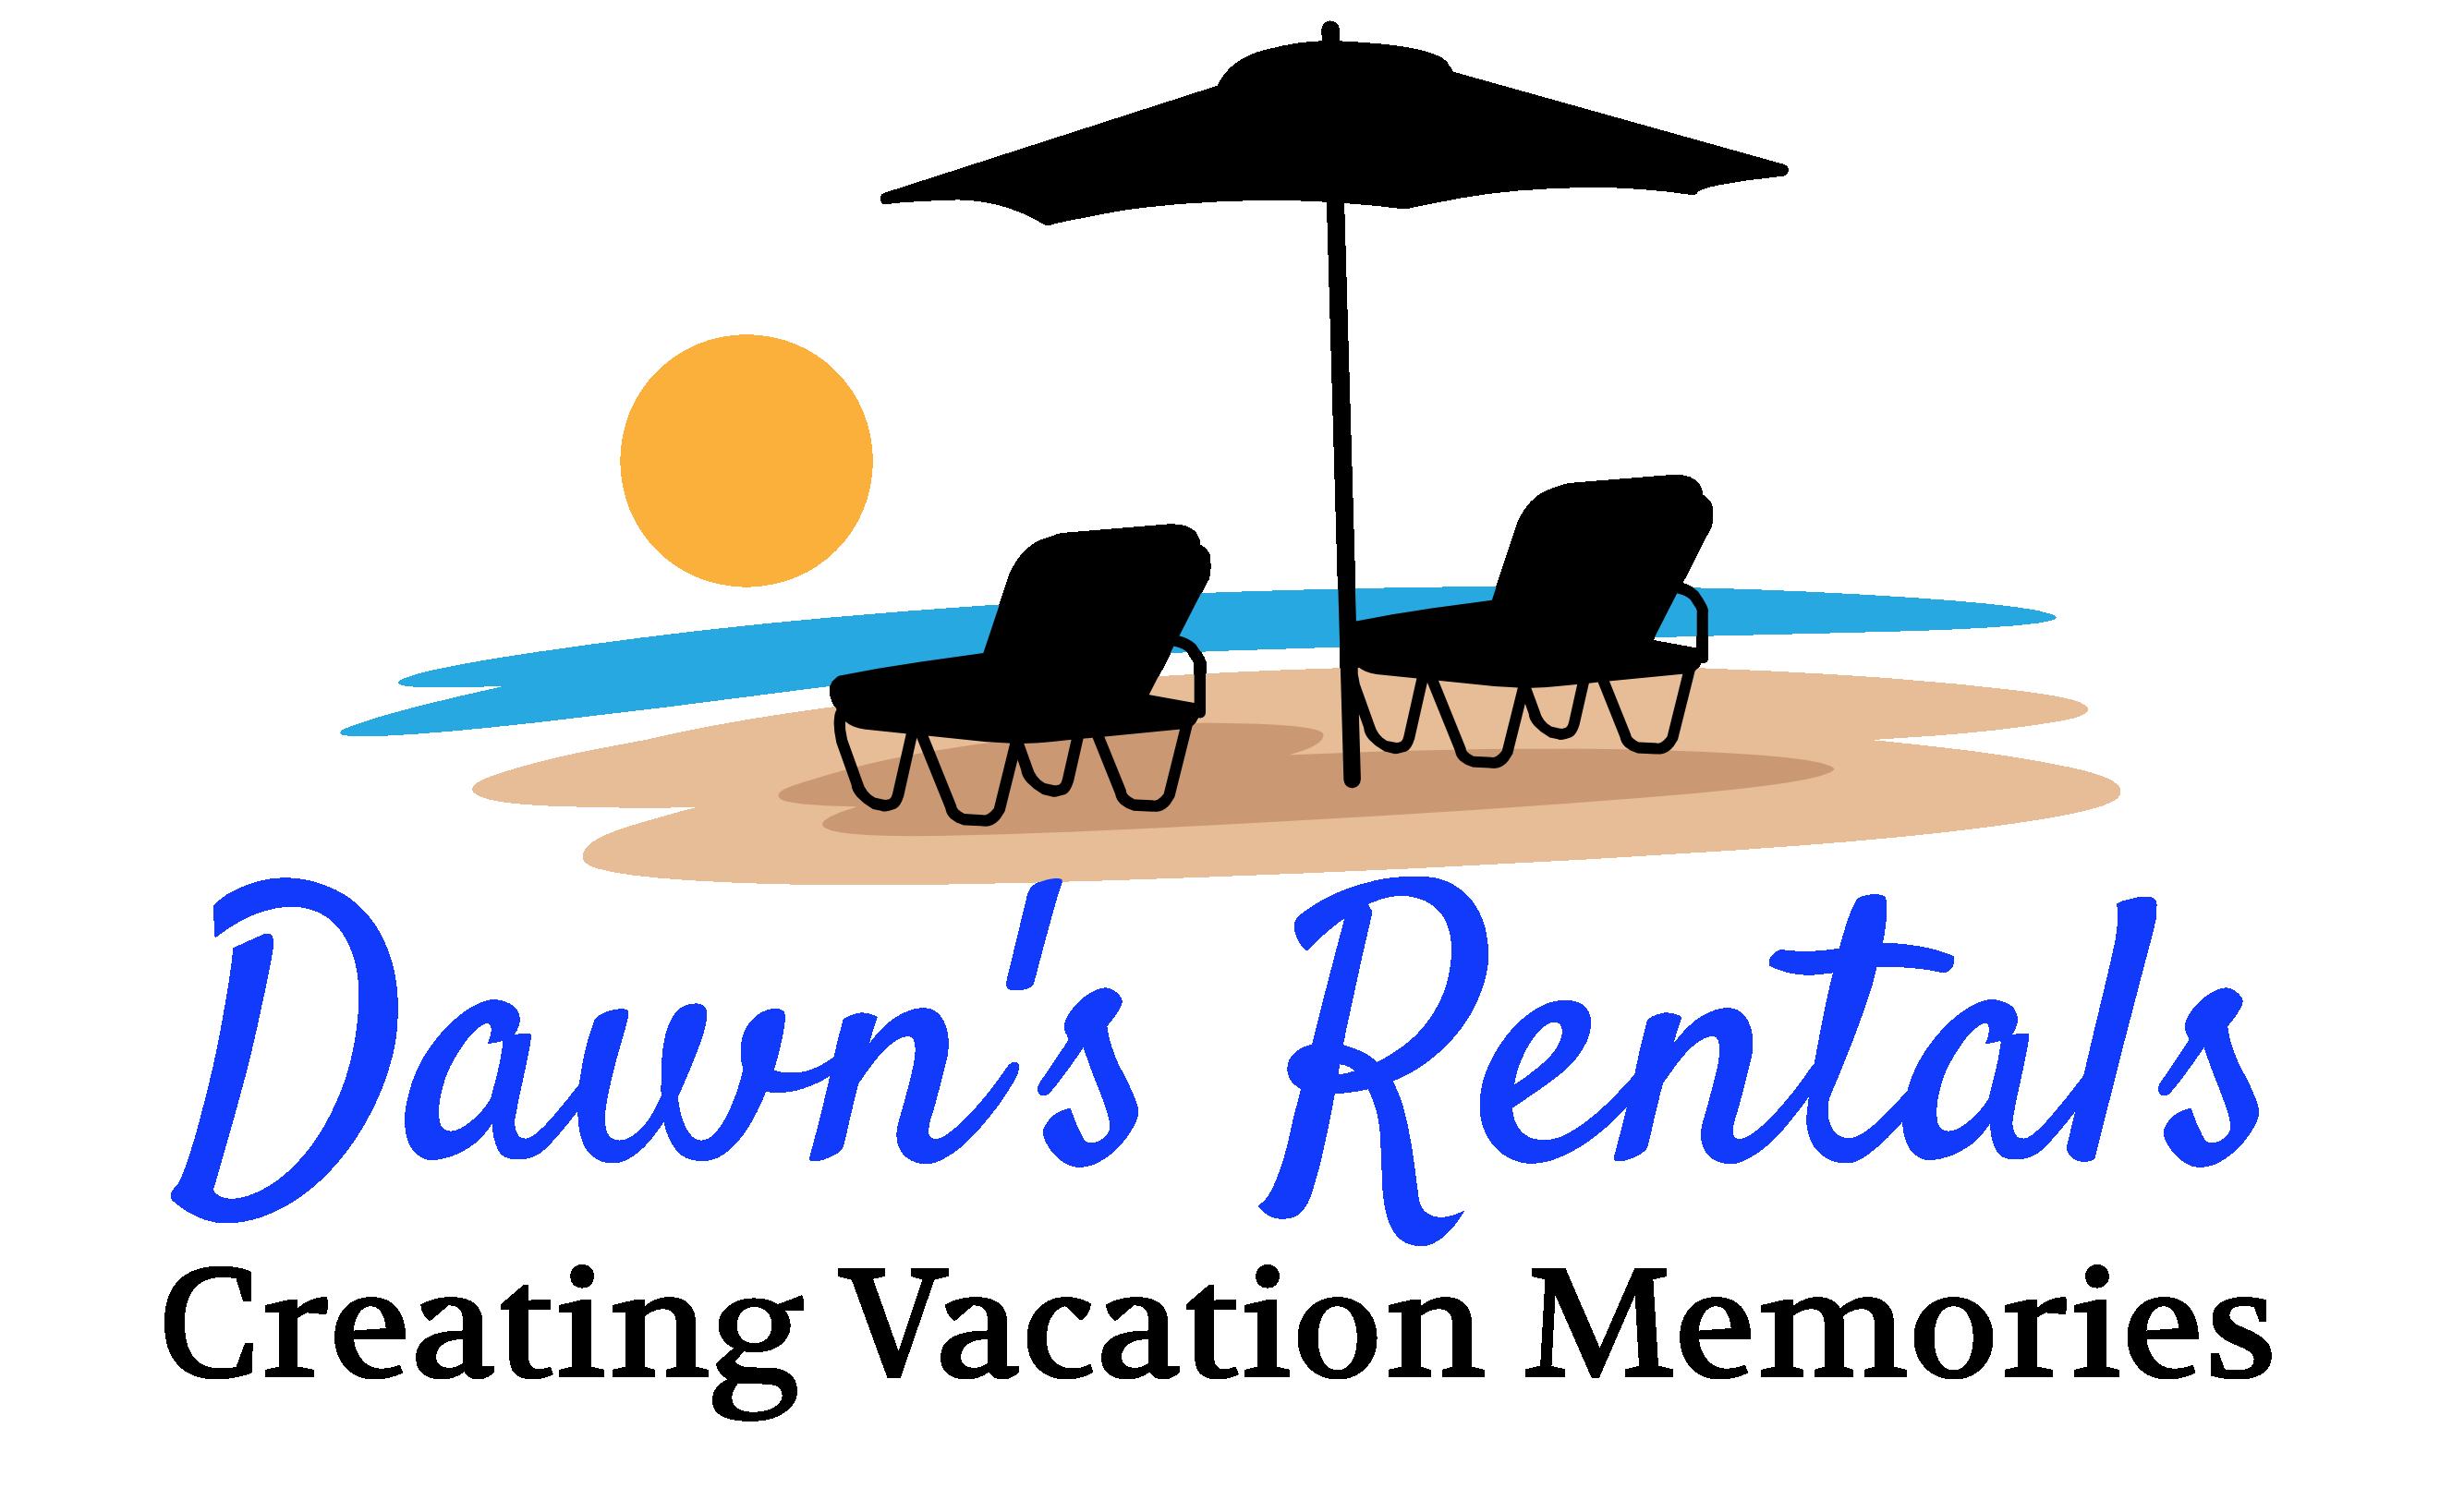 Dawn s rentals . Parking lot clipart rent